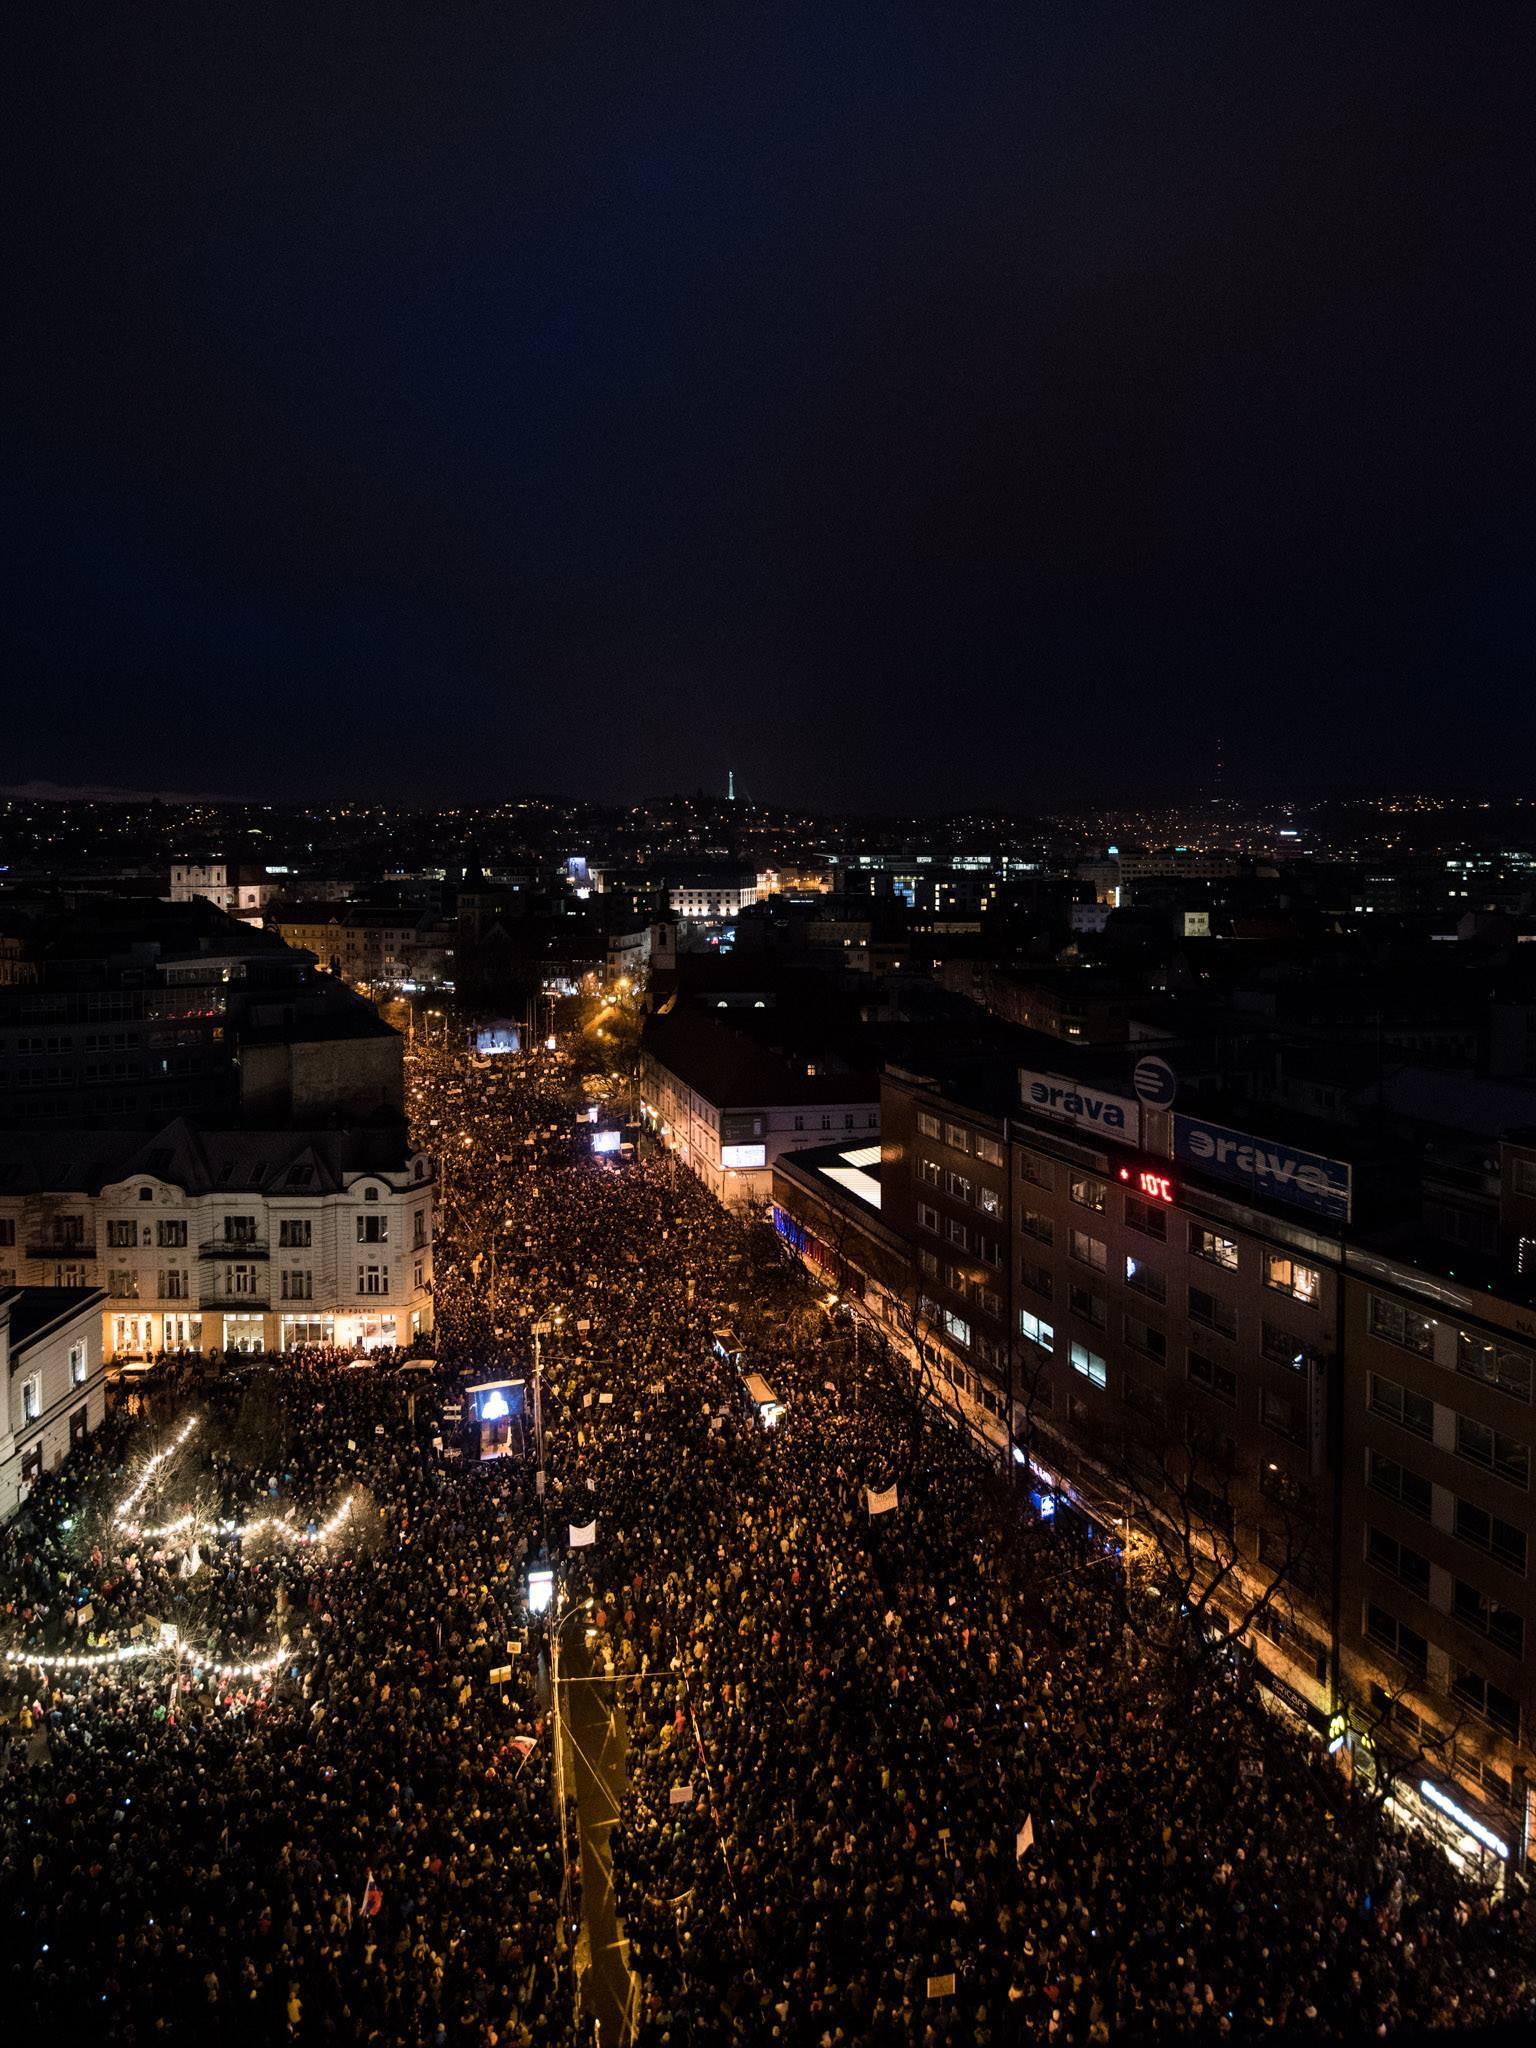 Atentate politice europene. 17-19 martie 2018